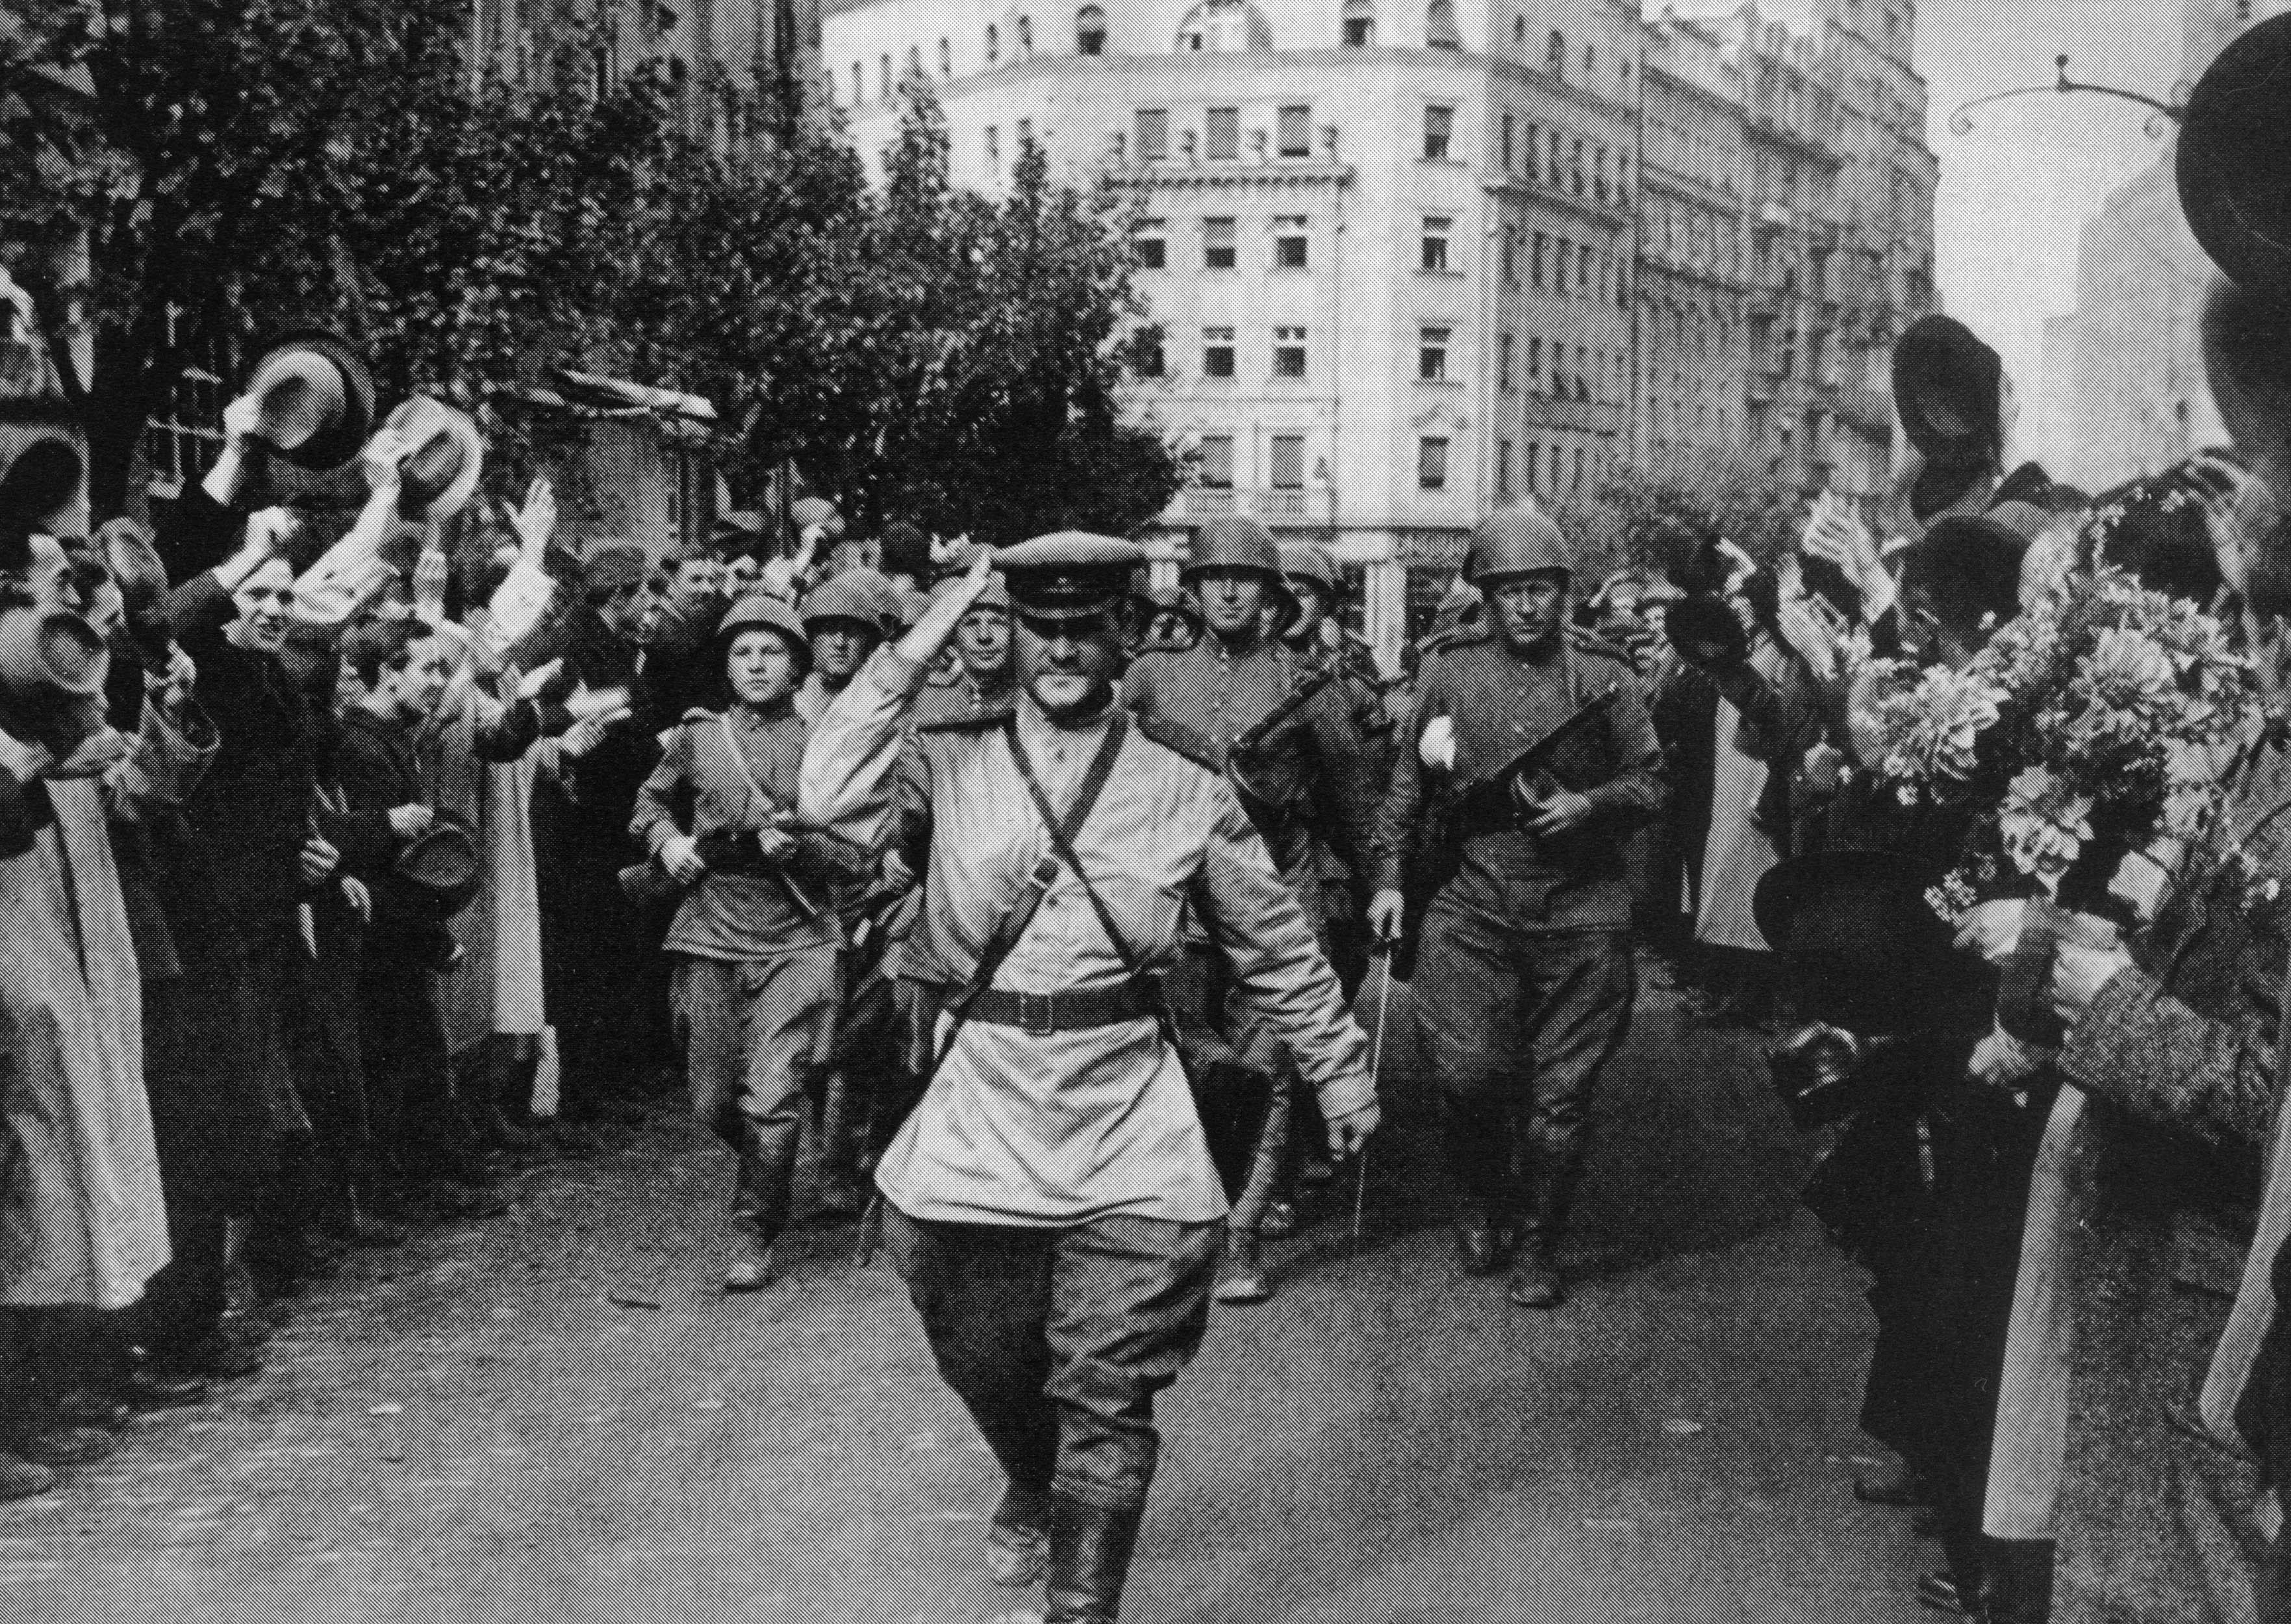 1944. Жители Белграда торжественно встречают советских солдат-освободителей. На переднем плане — капитан Д.И. Кудашов